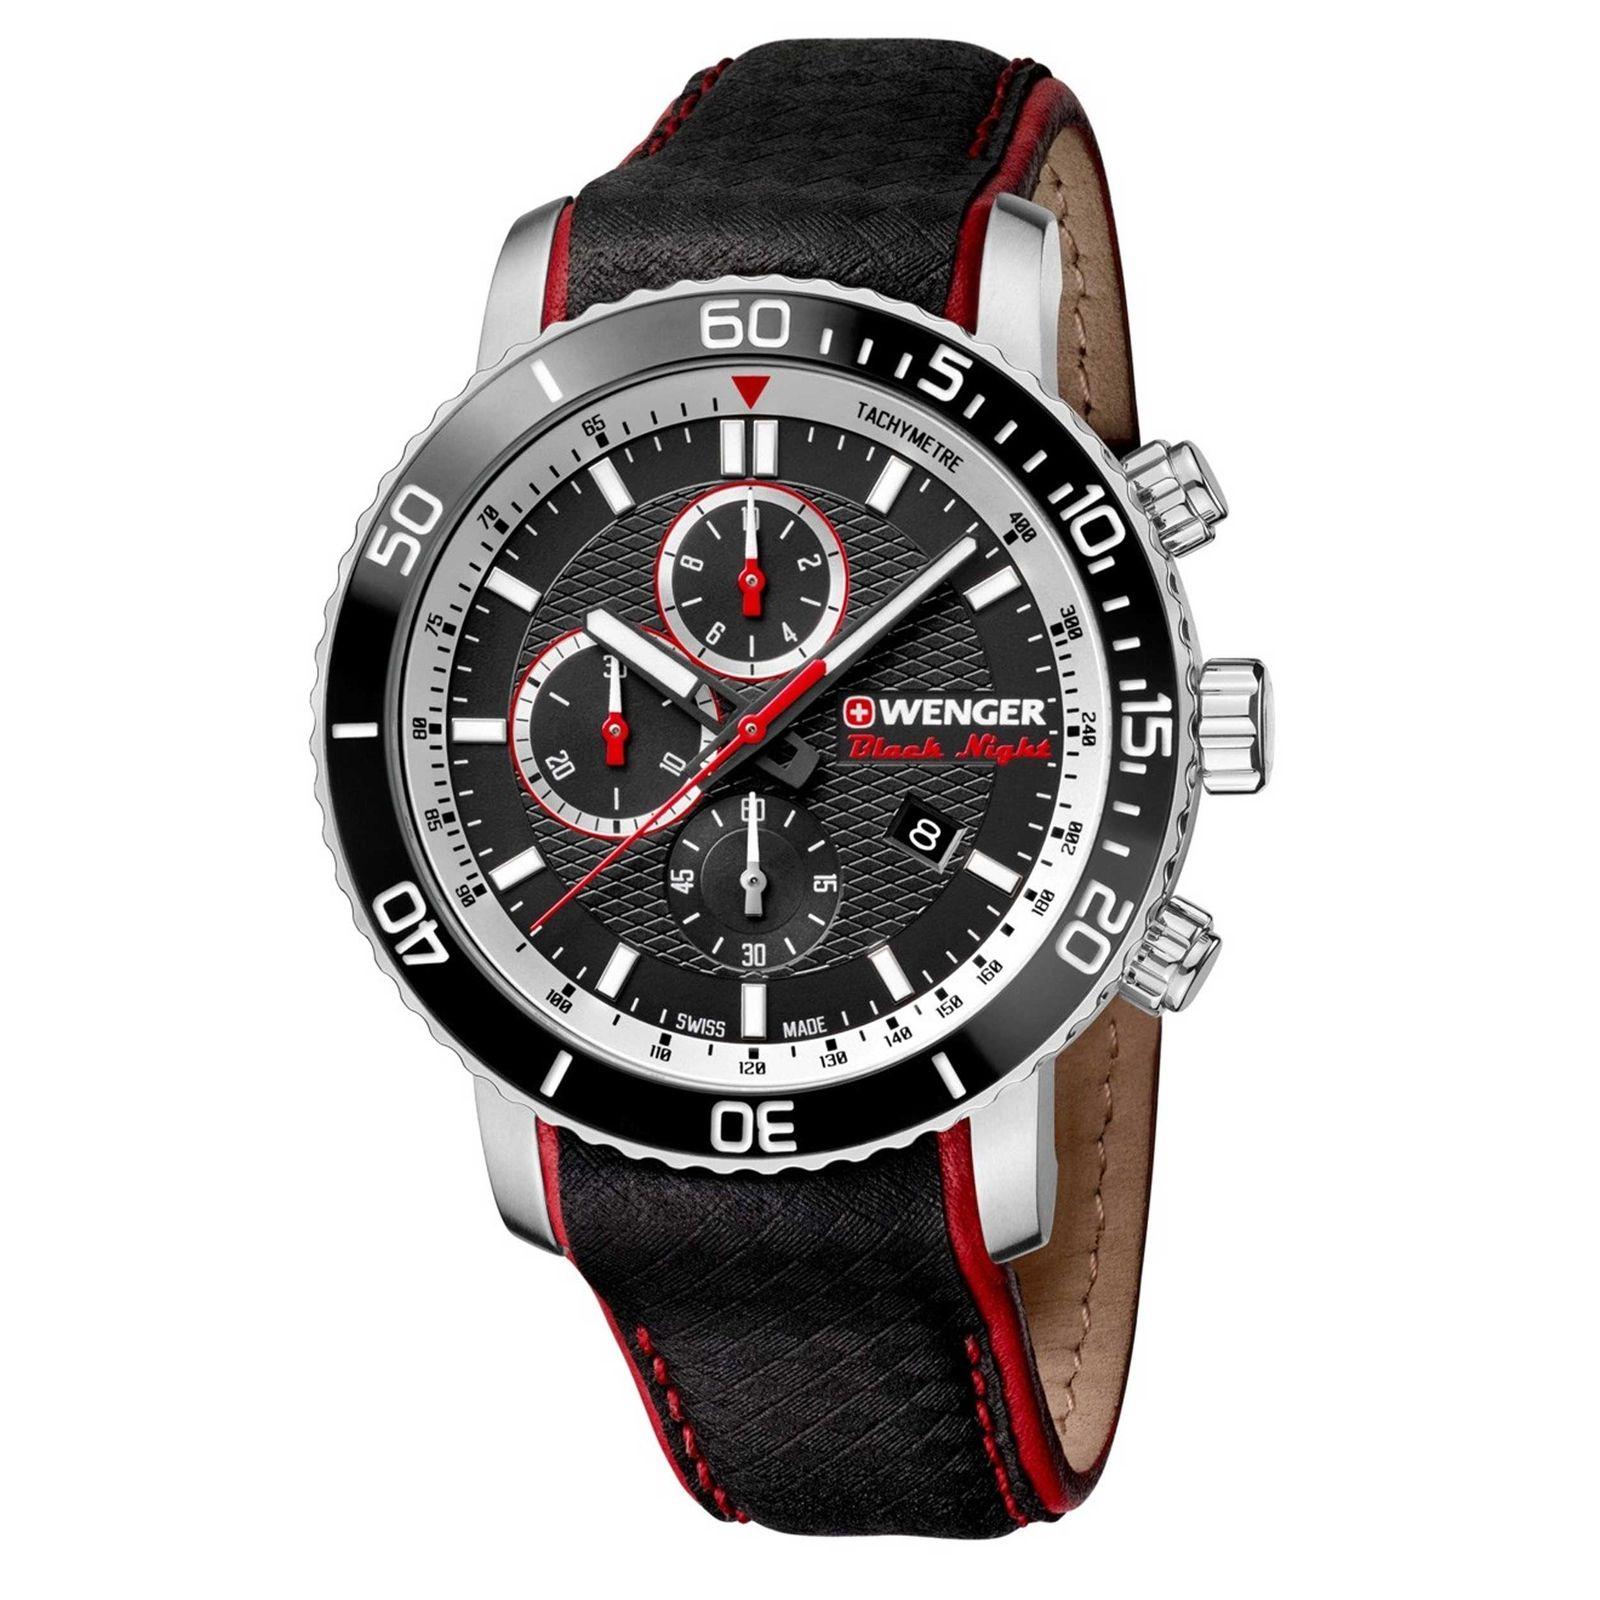 ساعت مچی عقربه ای مردانه ونگر مدل 01.1843.105 -  - 2